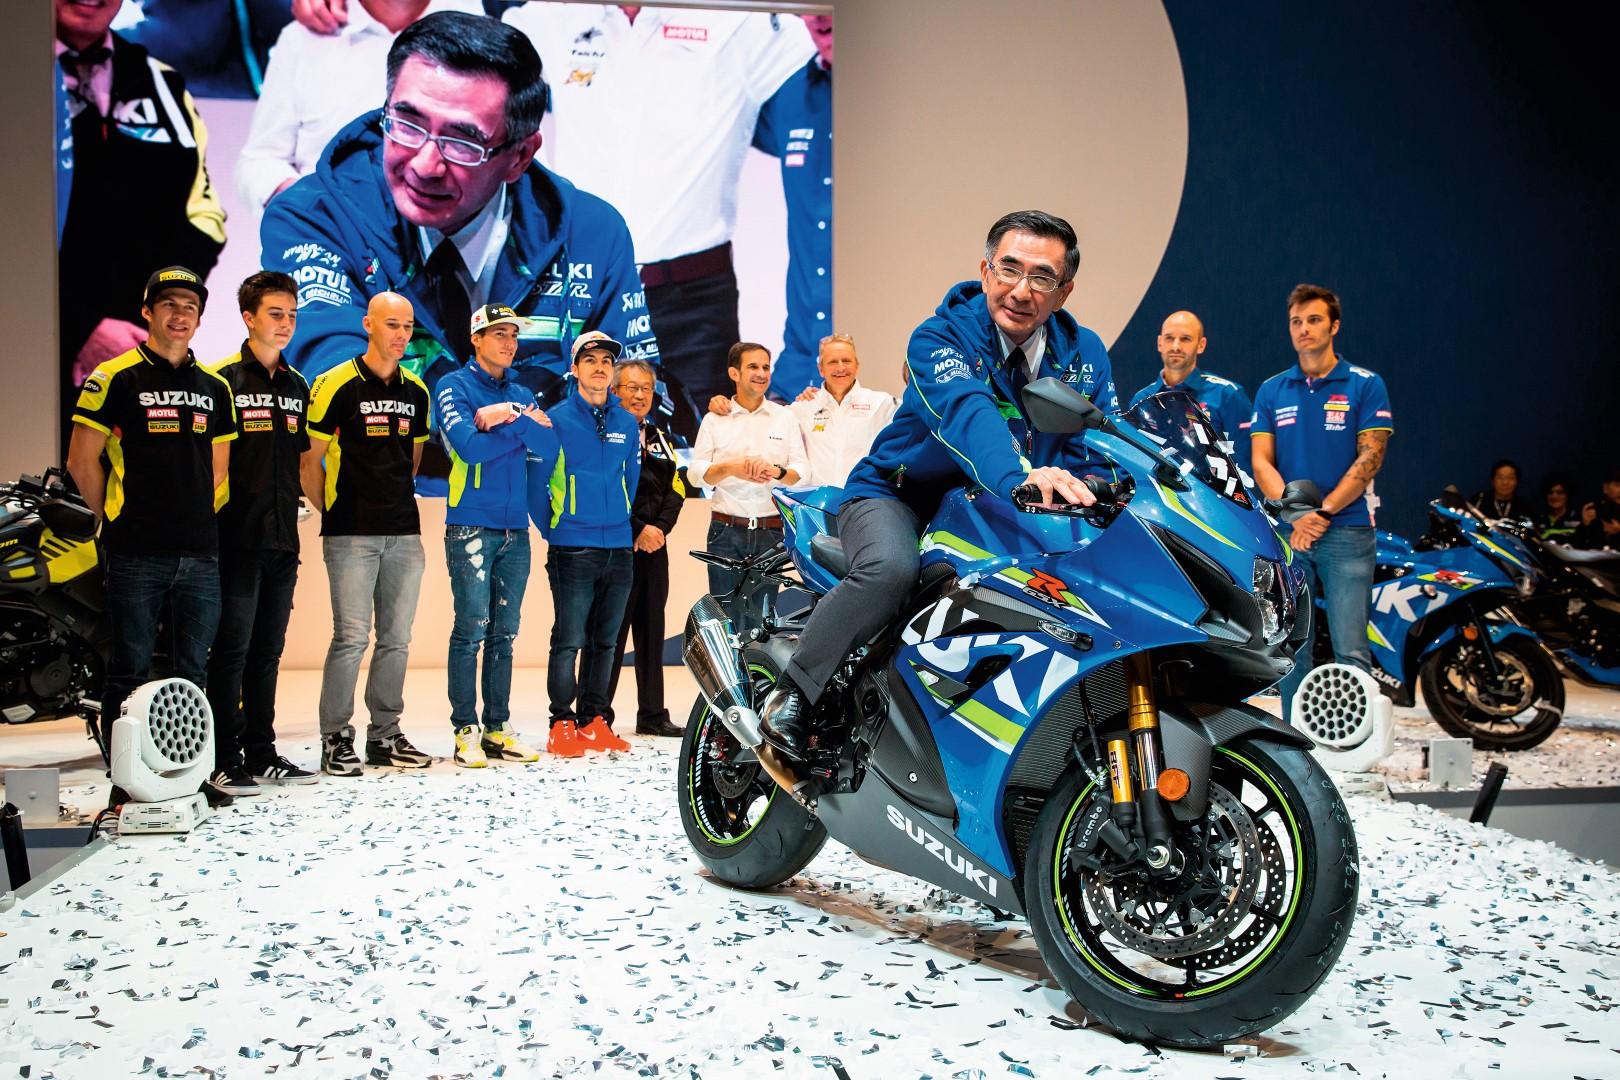 """Entrevista a Toshihiro Suzuki: """"Pasada la crisis volveremos a producir motos más divertidas"""""""